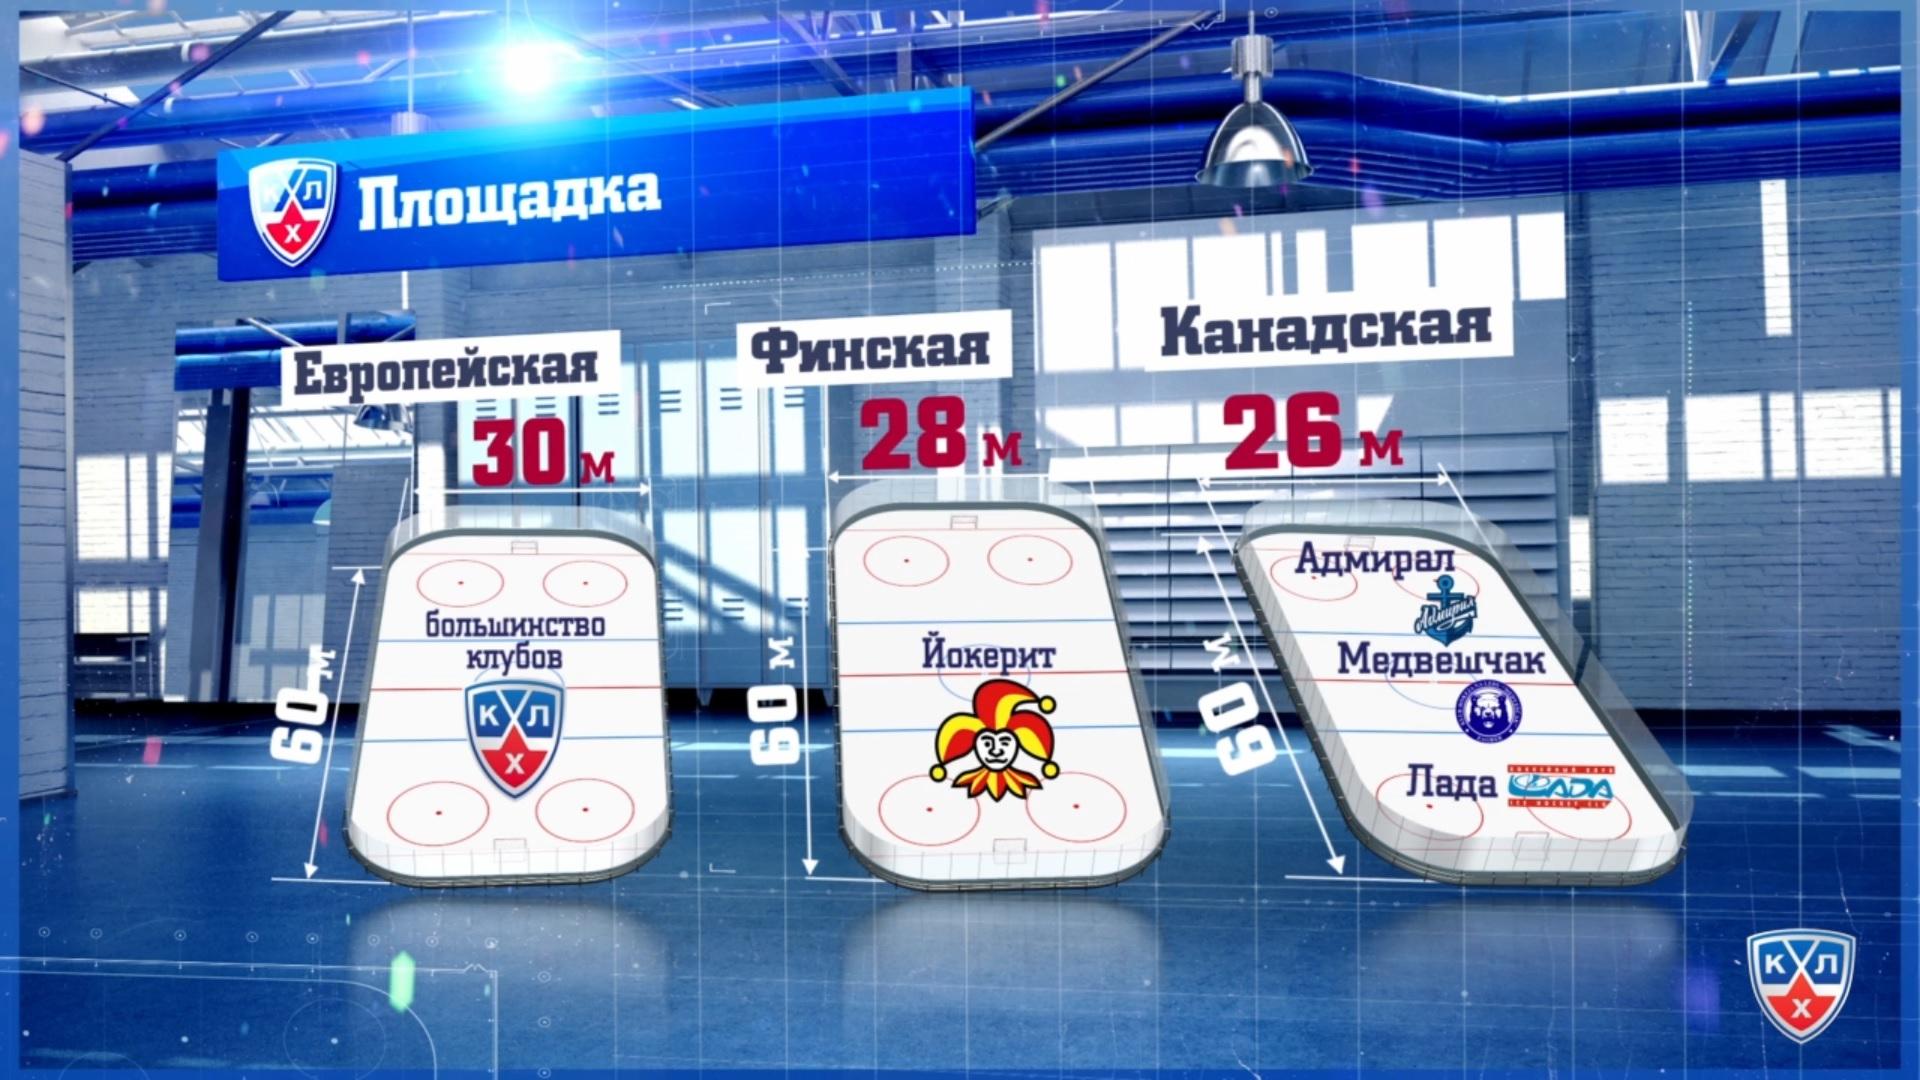 Инфографика КХЛ ТВ